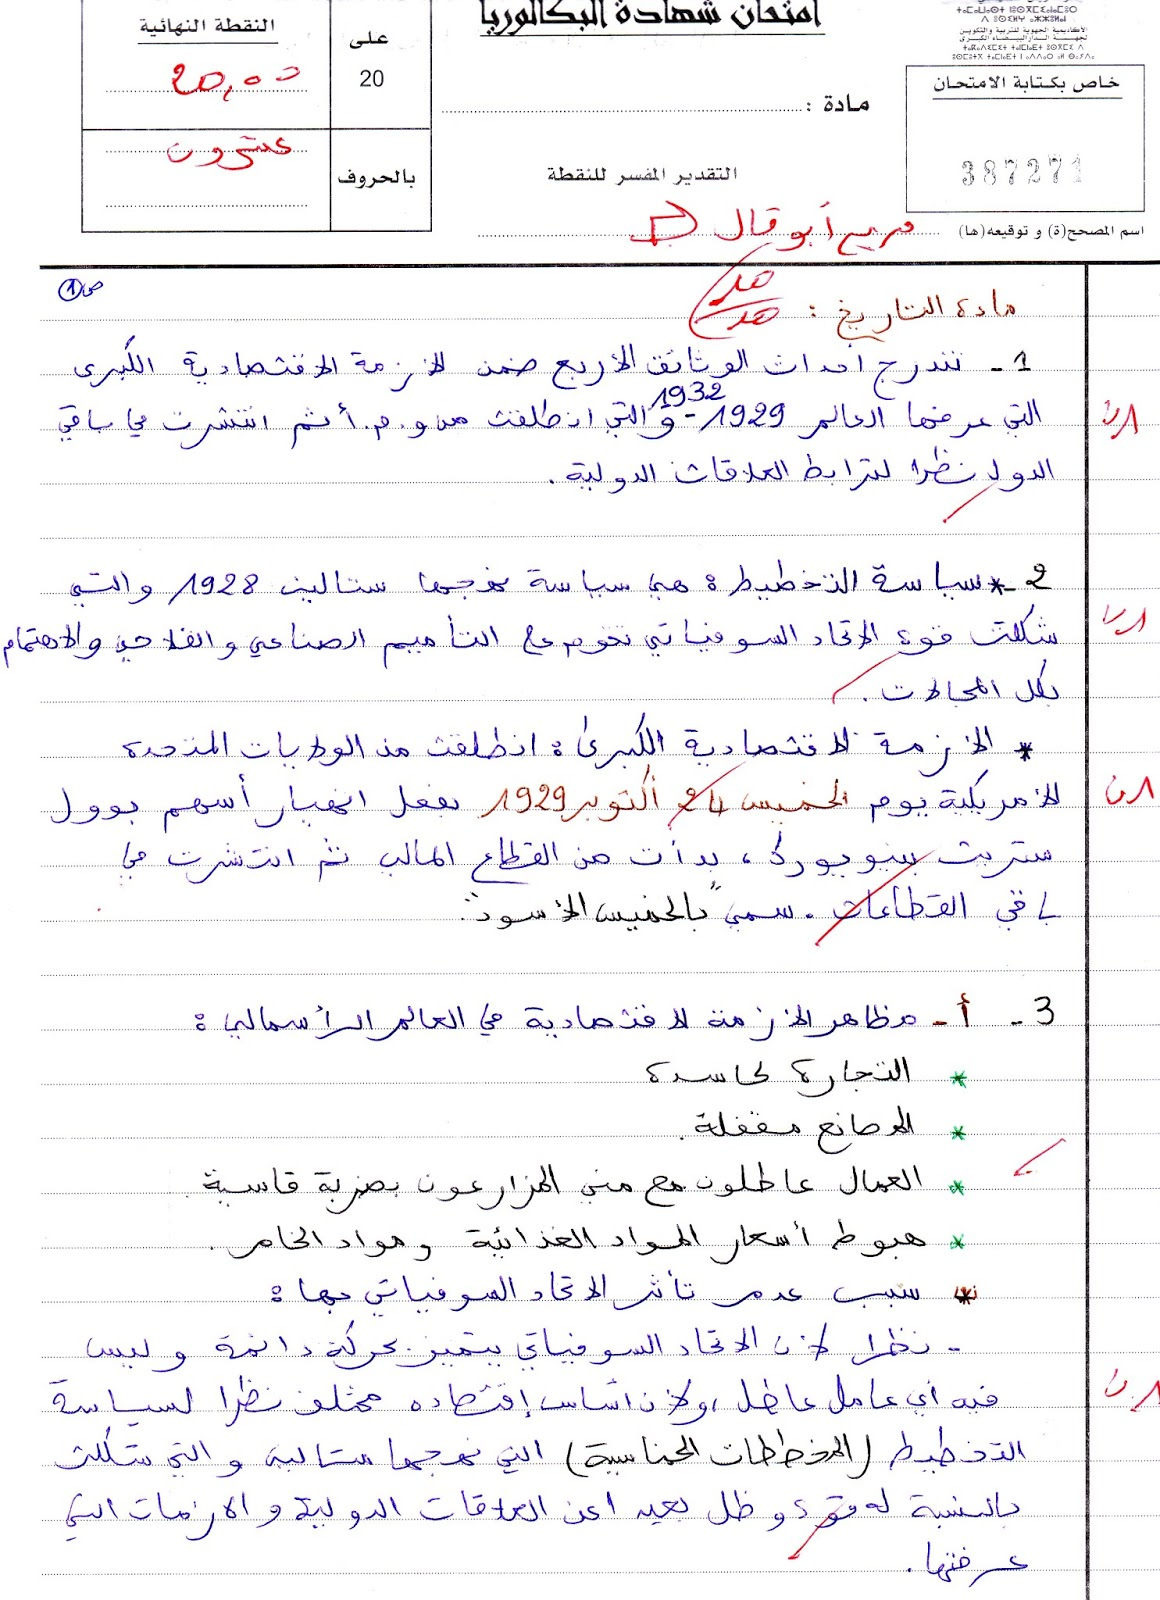 الإنجاز النموذجي (20/20)؛ الامتحان الوطني الموحد للباكالوريا، التاريخ والجغرافيا، مسلك الآداب 2015